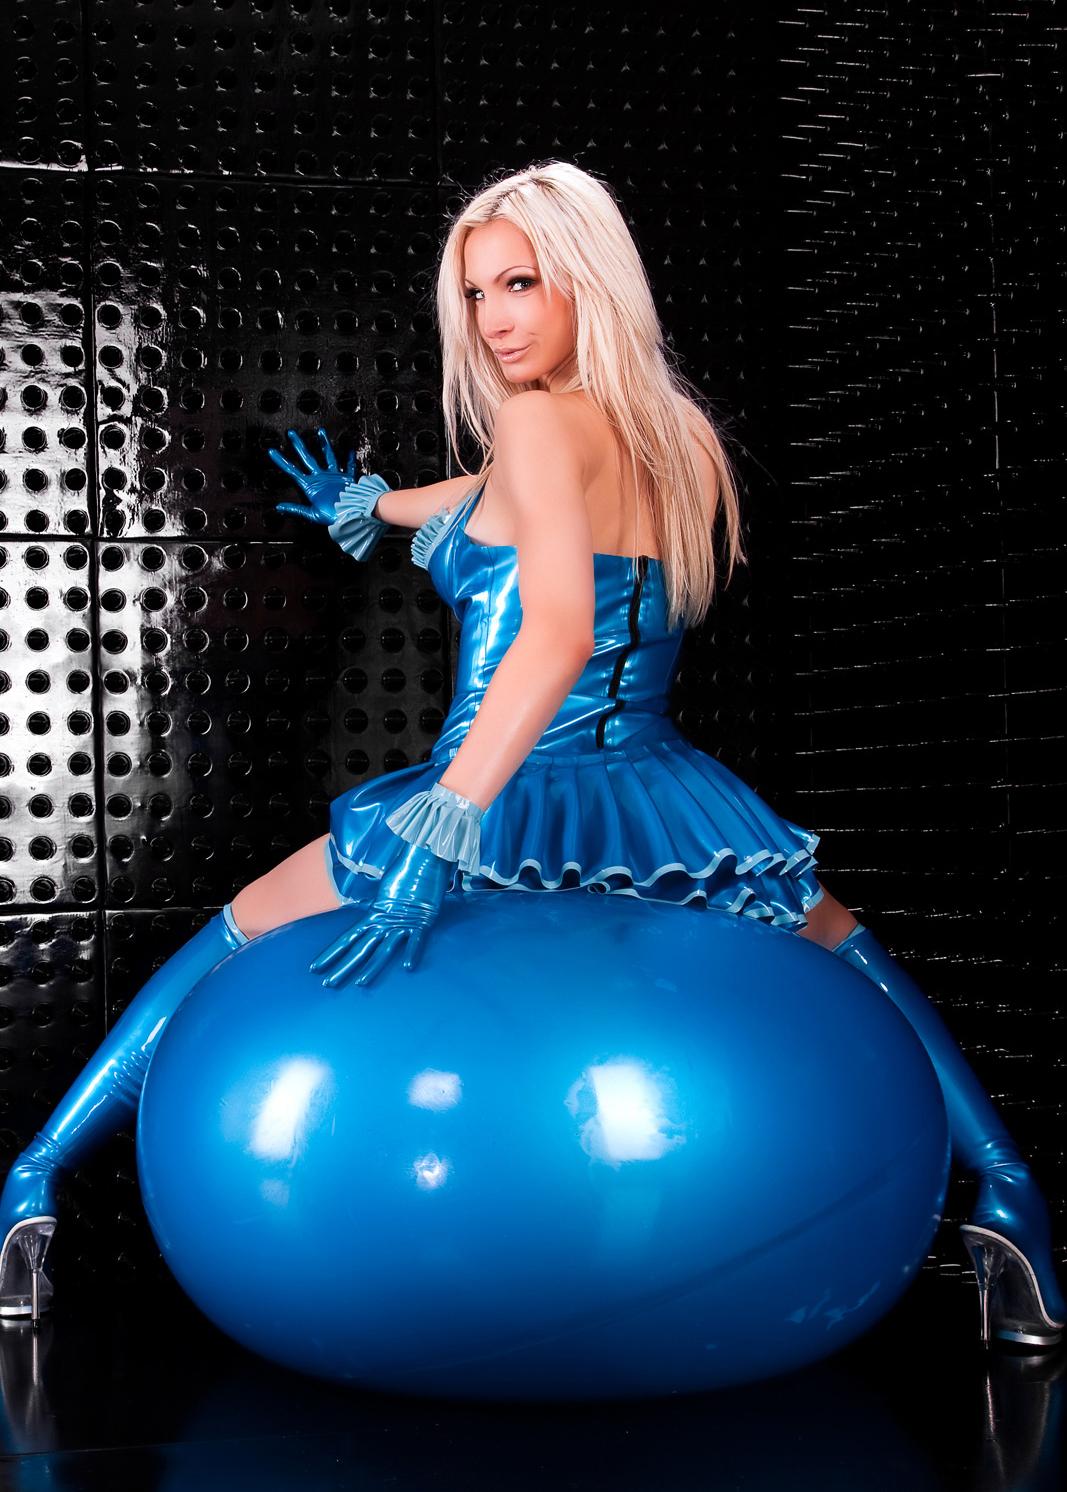 Latex Riesenballon, getaucht | SM-Möbel | Fetisch & SM